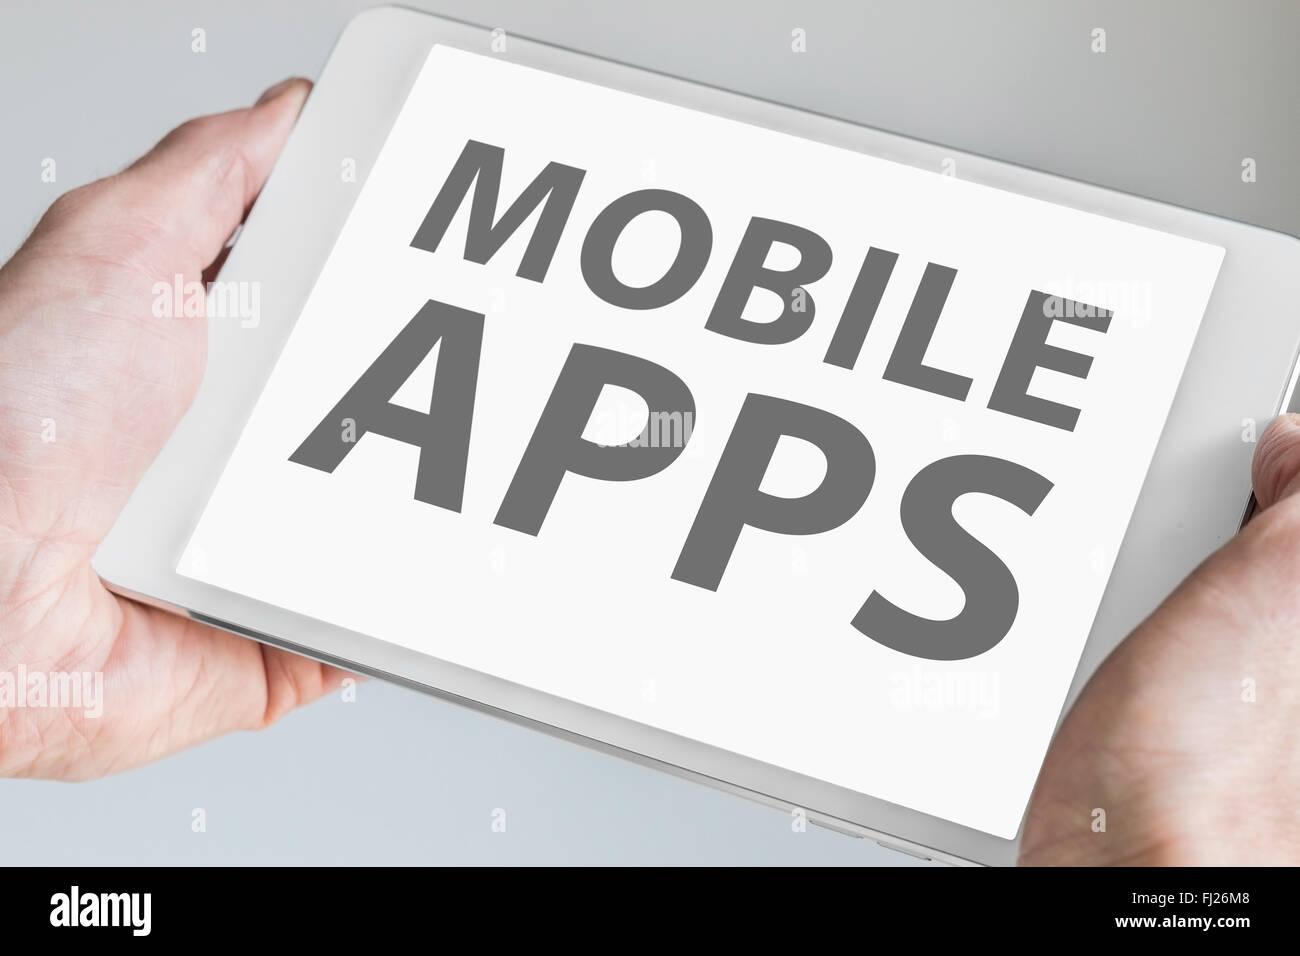 Mobile apps texte affiché sur l'écran tactile de la tablette ou smartphone. Concept pour le développement Photo Stock